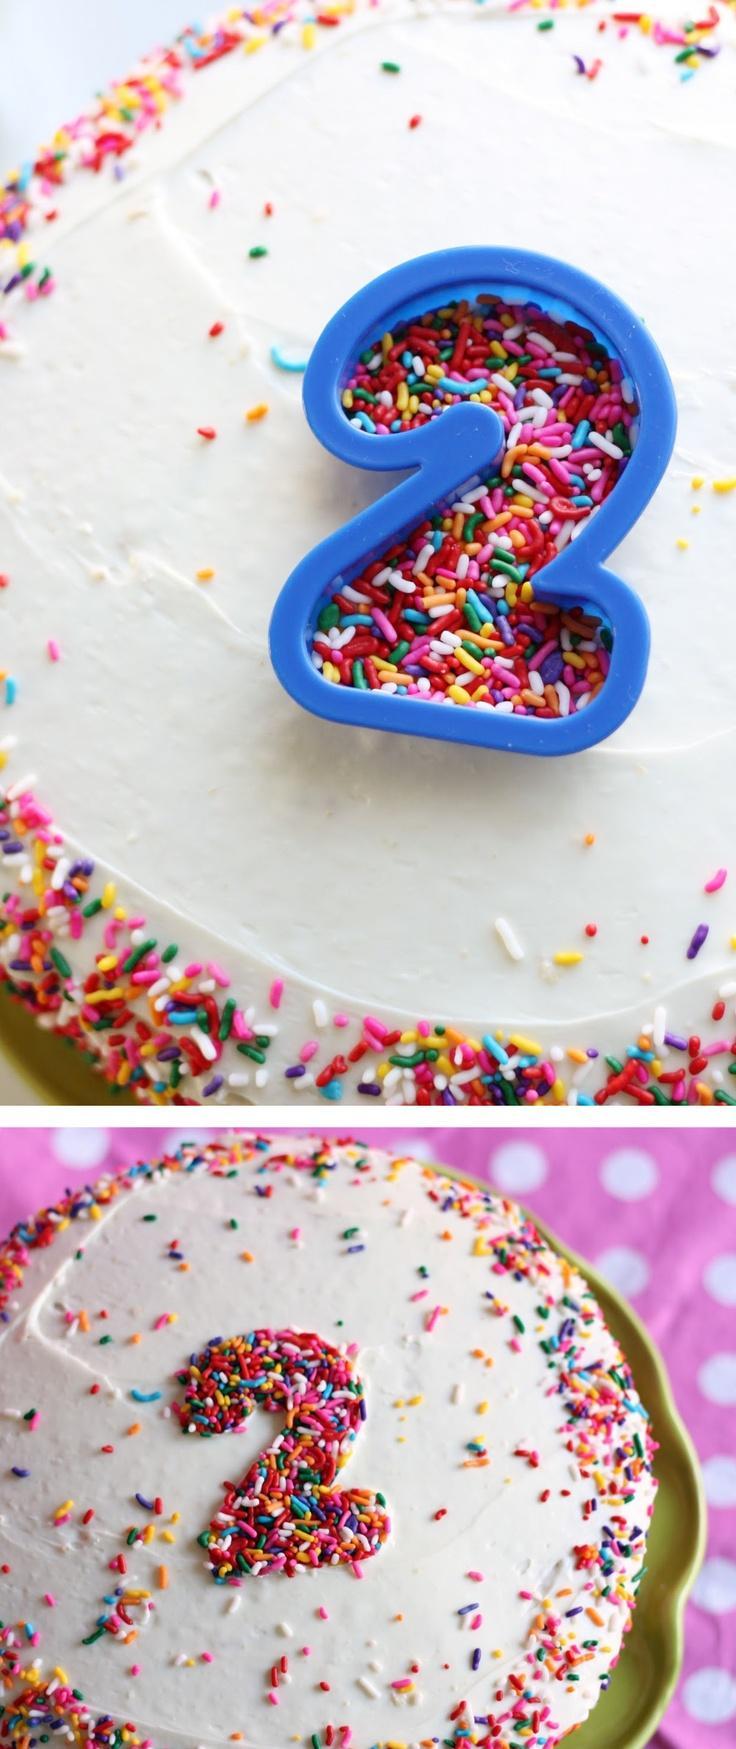 Hochzeit - Cookie Cutter Sprinkles Decor ... clever!